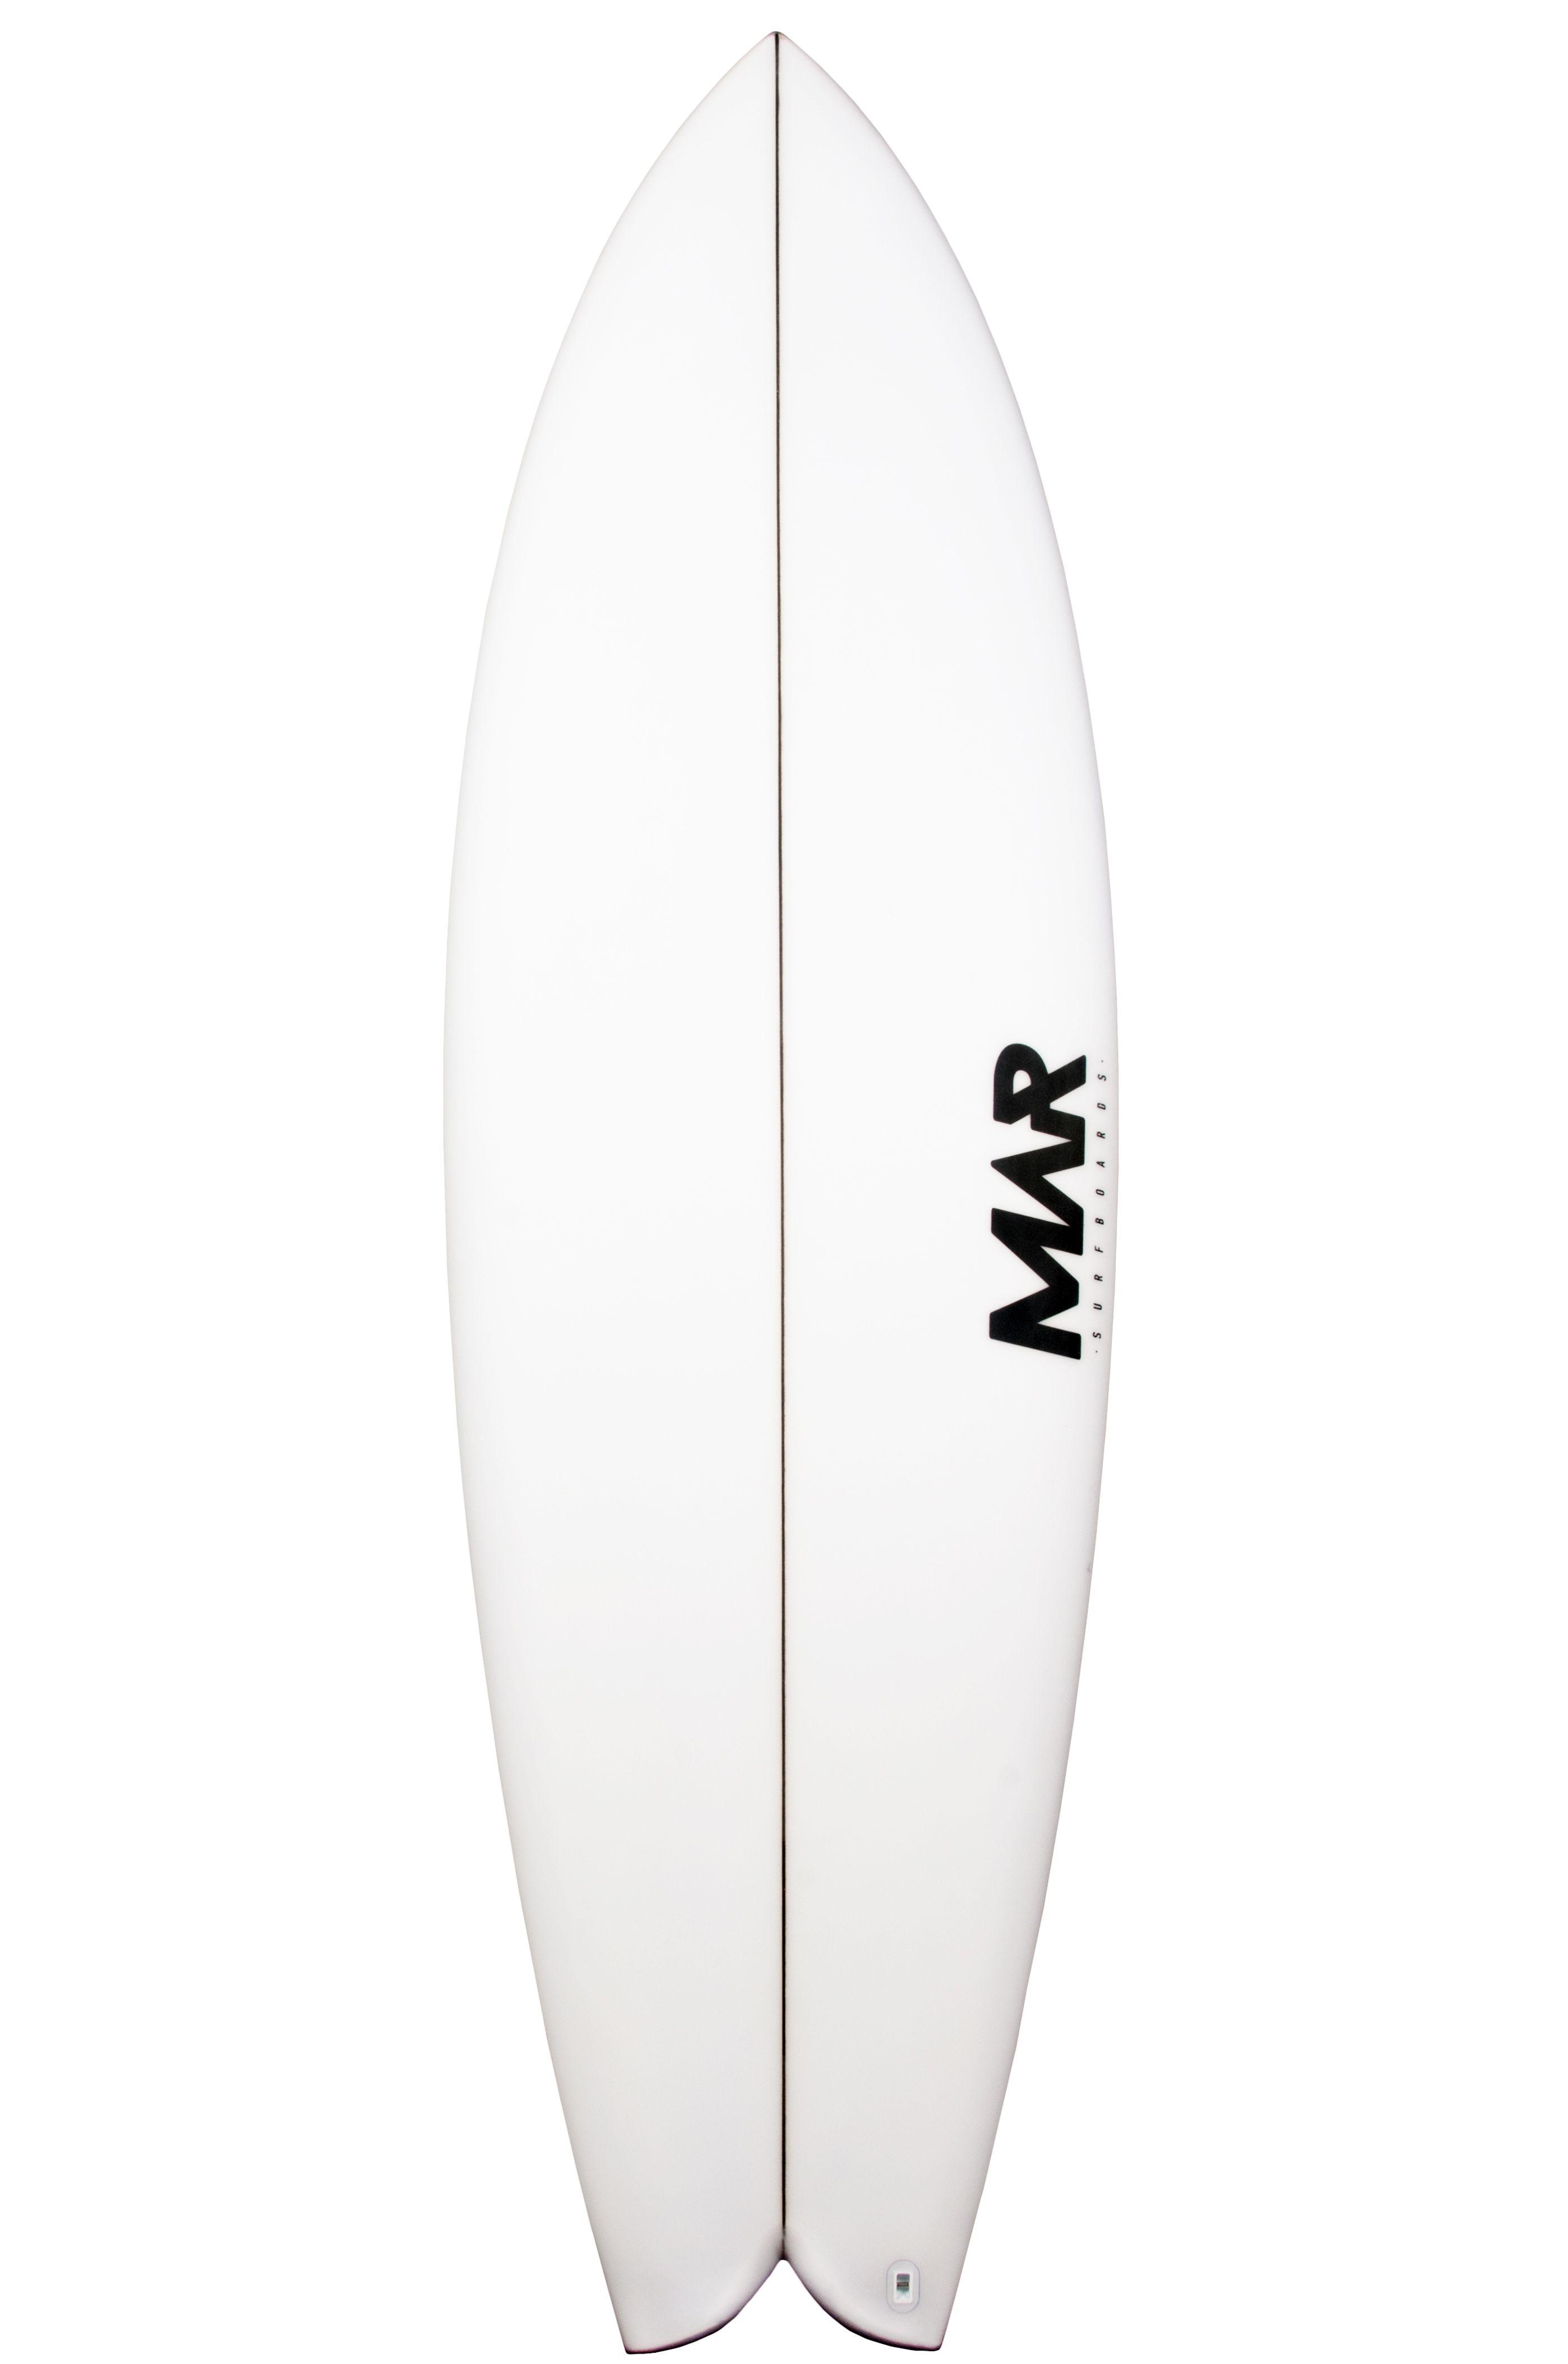 Mar Surf Board 5'4 MAR P2 PU Fish Tail - White FCS II Twin Tab 5ft4